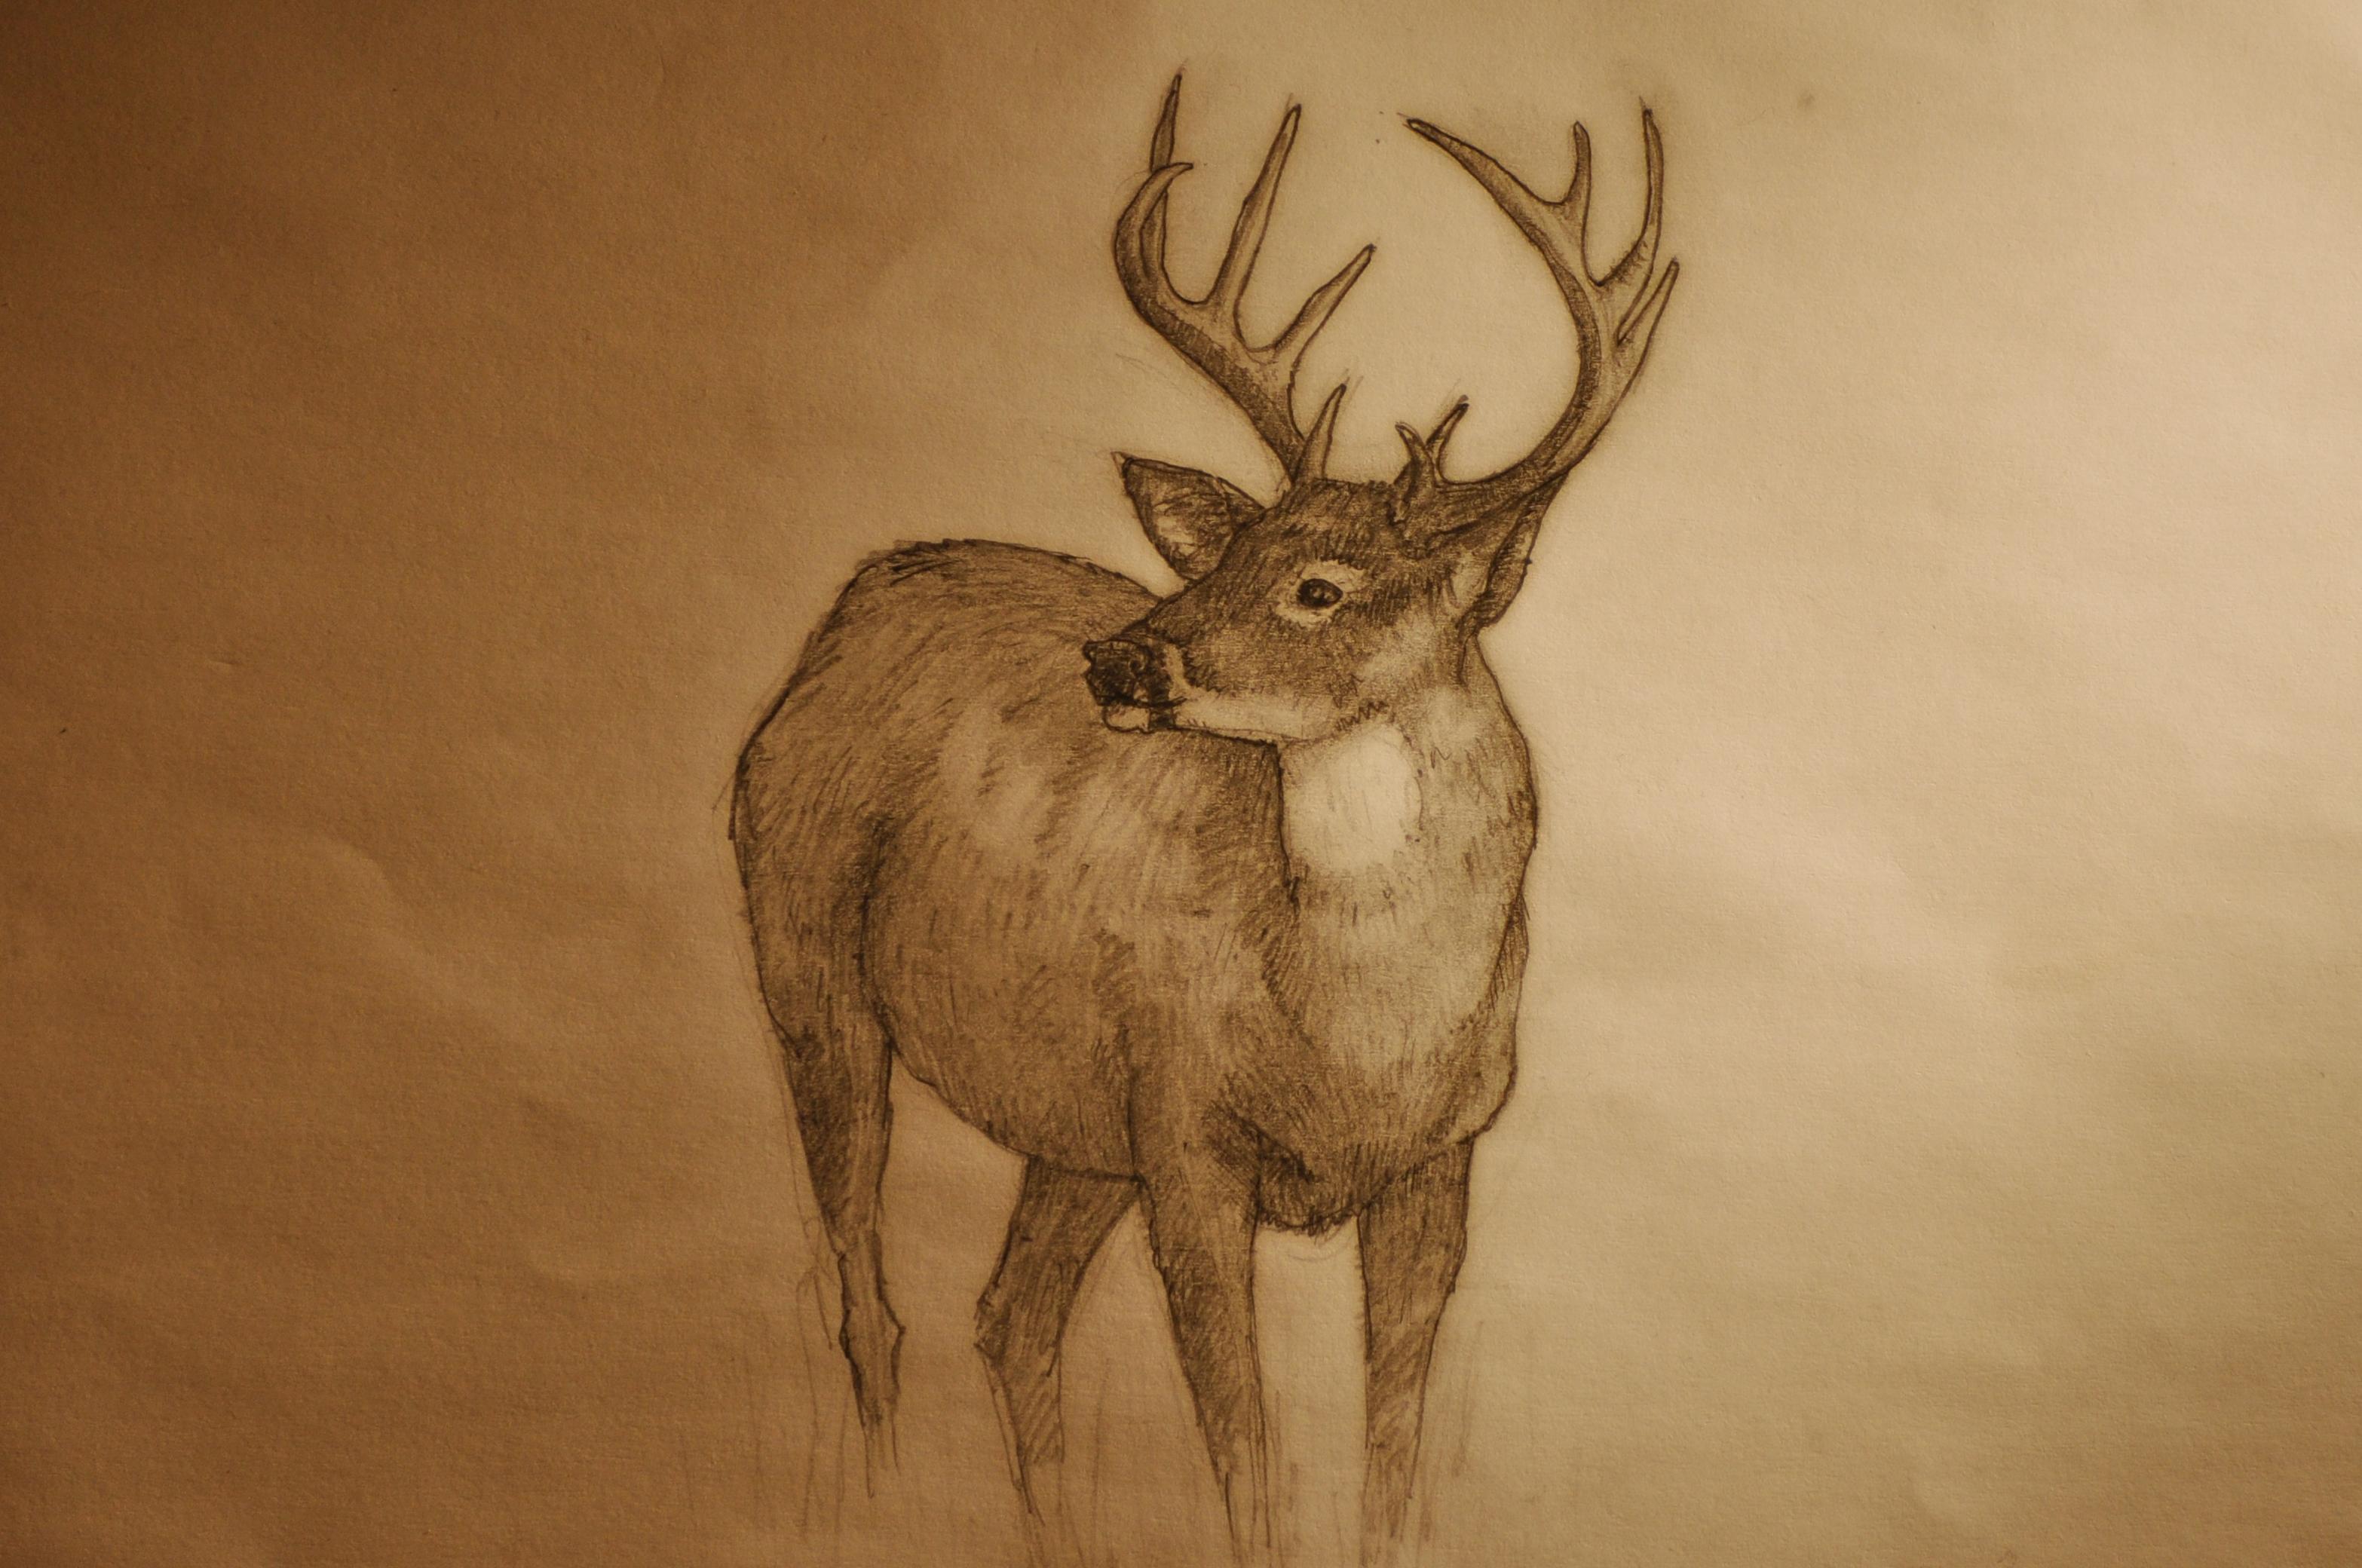 deer drawings - photo #17